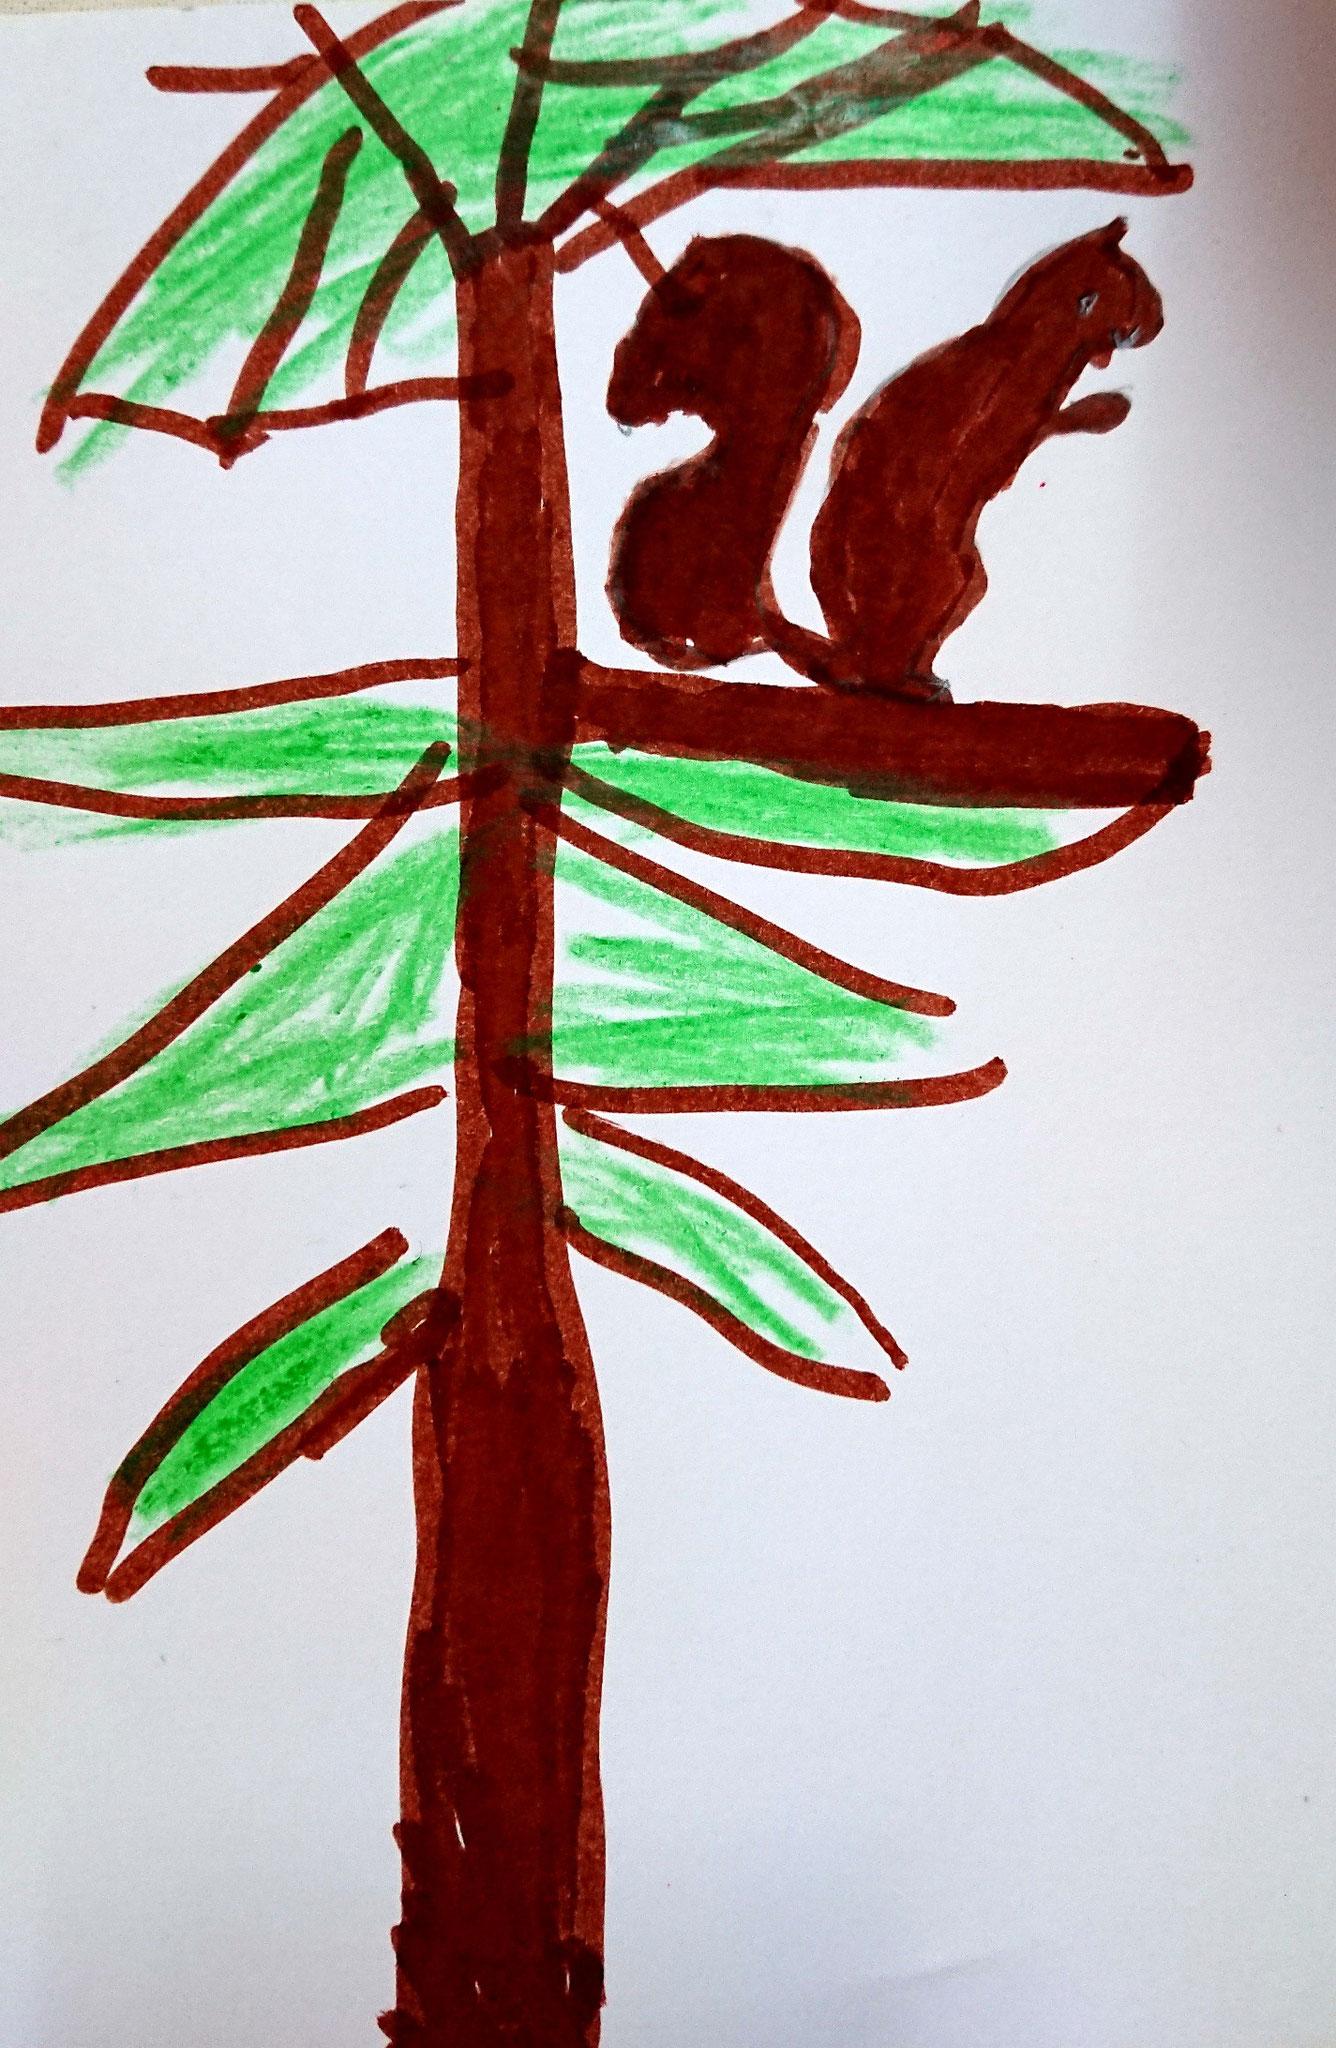 Nuxi auf Tanne (Kindergartenkind, ca. 6 Jahre,  Foto vom betr. Kindergarten zur Verfügung gestellt.)